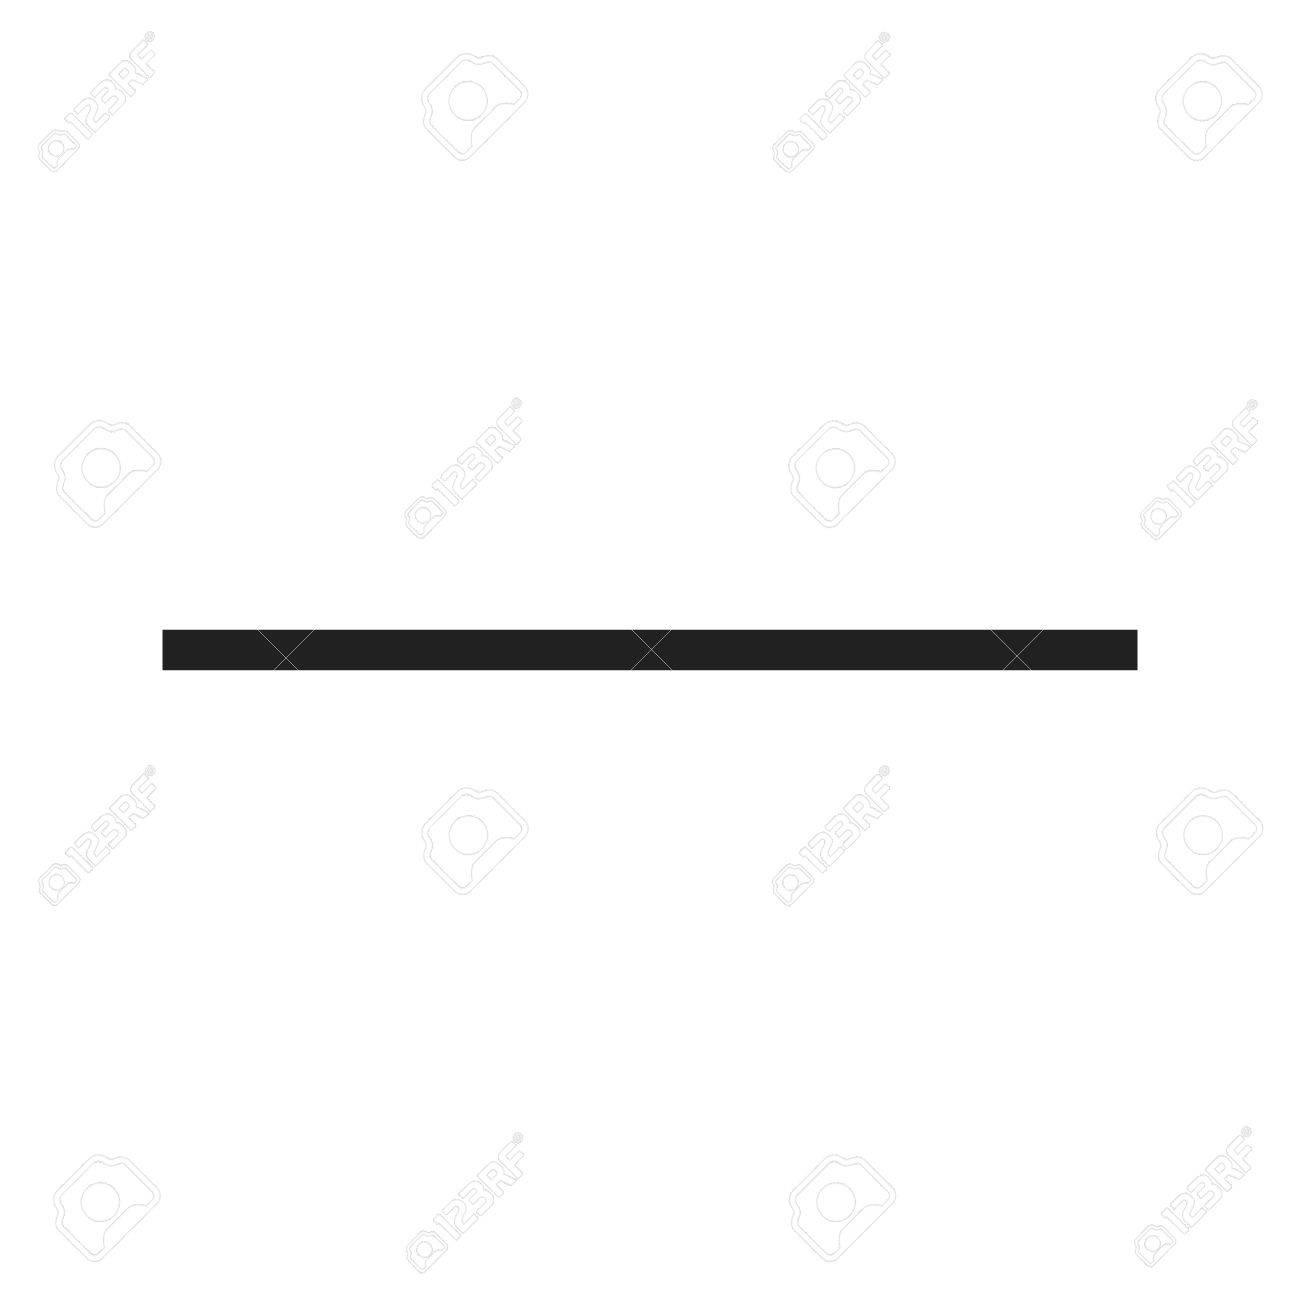 Elektrische, Draht, Drähte Symbol Vektor-Bild. Kann Auch Für ...